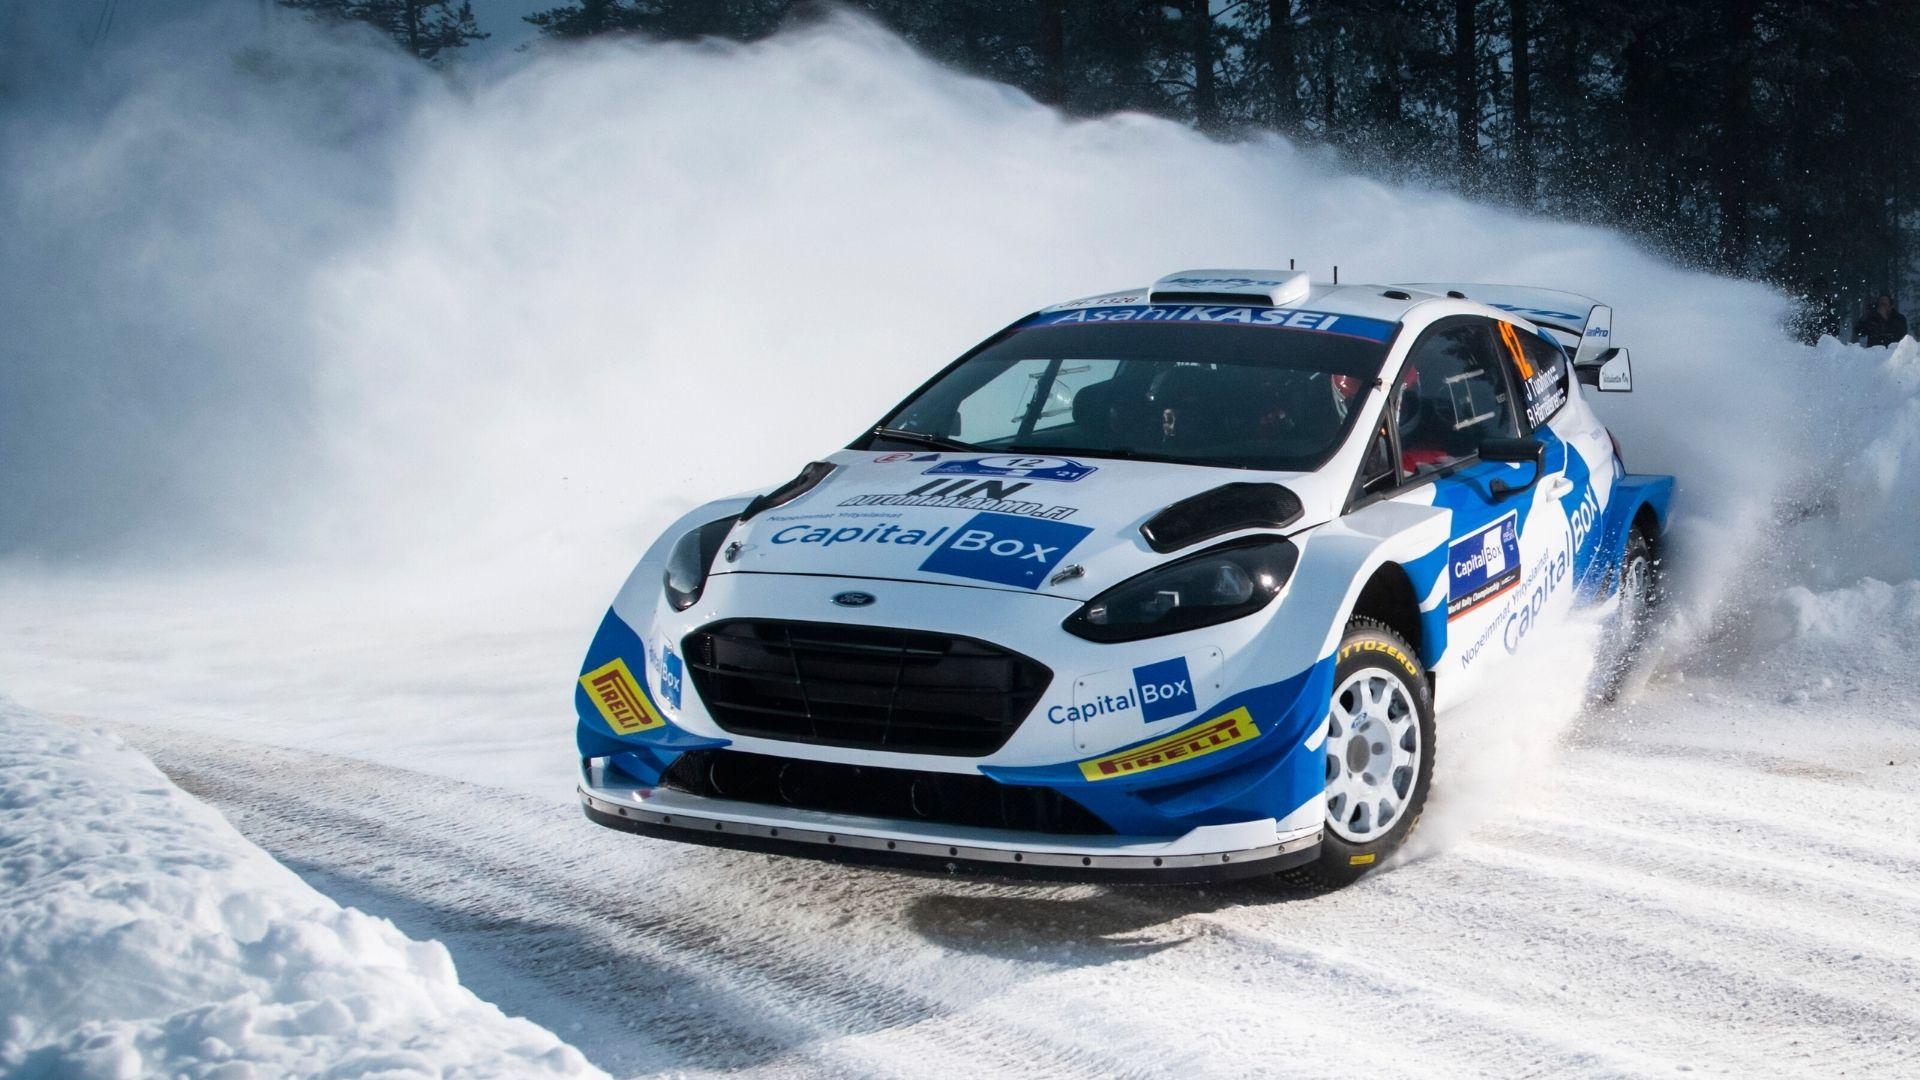 WRC: Arctic Rally Finland - Powered by CapitalBox [26-28 Febrero] - Página 4 270221_Tuohino_SS3